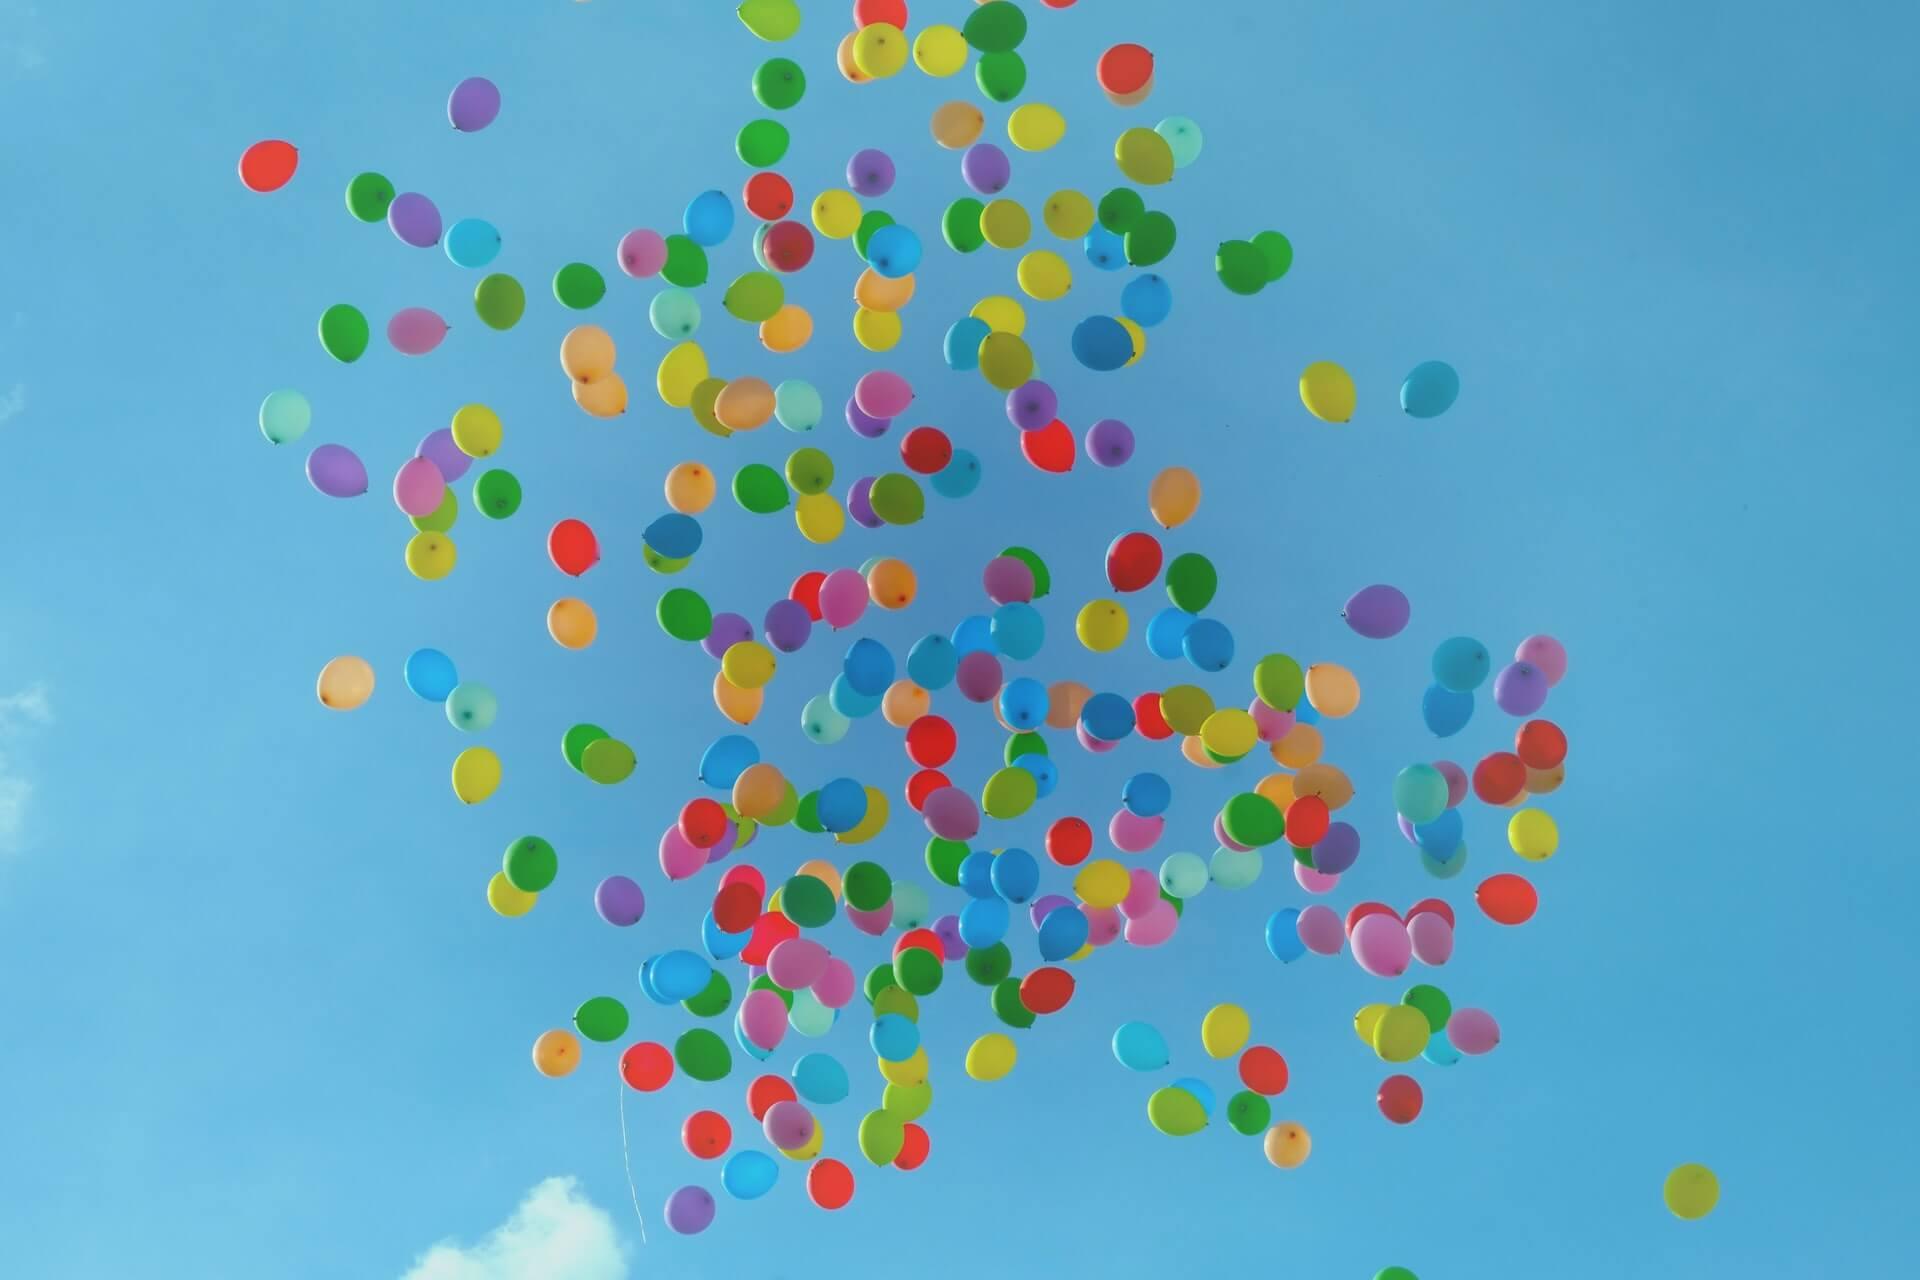 Ballons de baudruche - ce que le test WAIS 4 m'a apporté